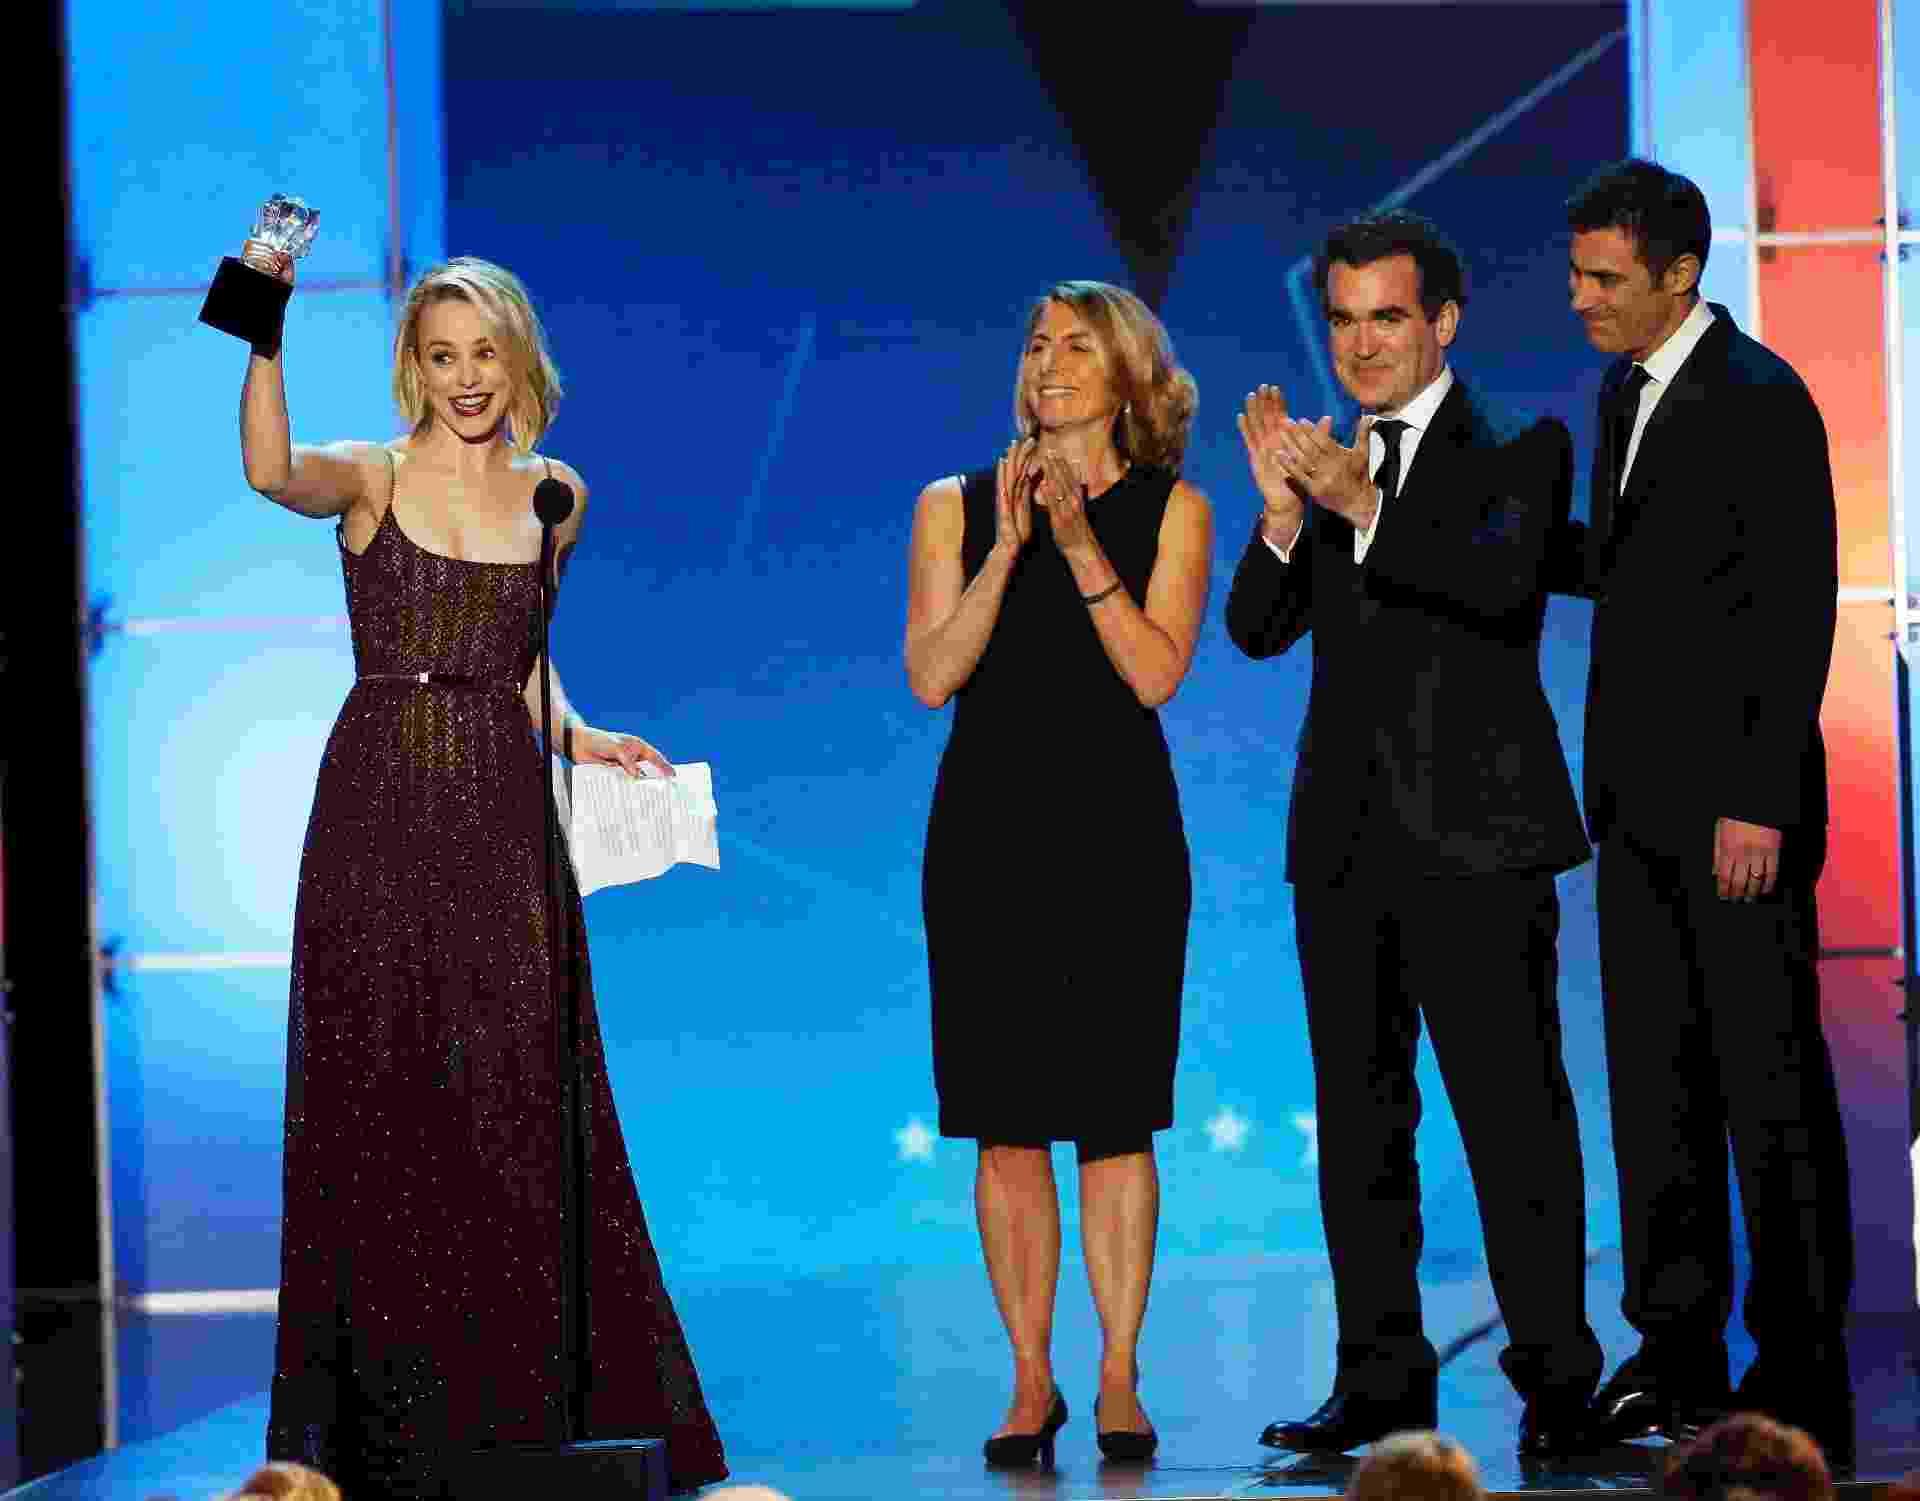 """17.jan.2016 - Atriz Rachel McAdams recebe o prêmio de melhor elenco por """"Spotlight: Segredos Revelados"""" no 21° Critics' Choice Awards, em Santa Monica, na Calífórnia - REUTERS/Mario Anzuoni"""